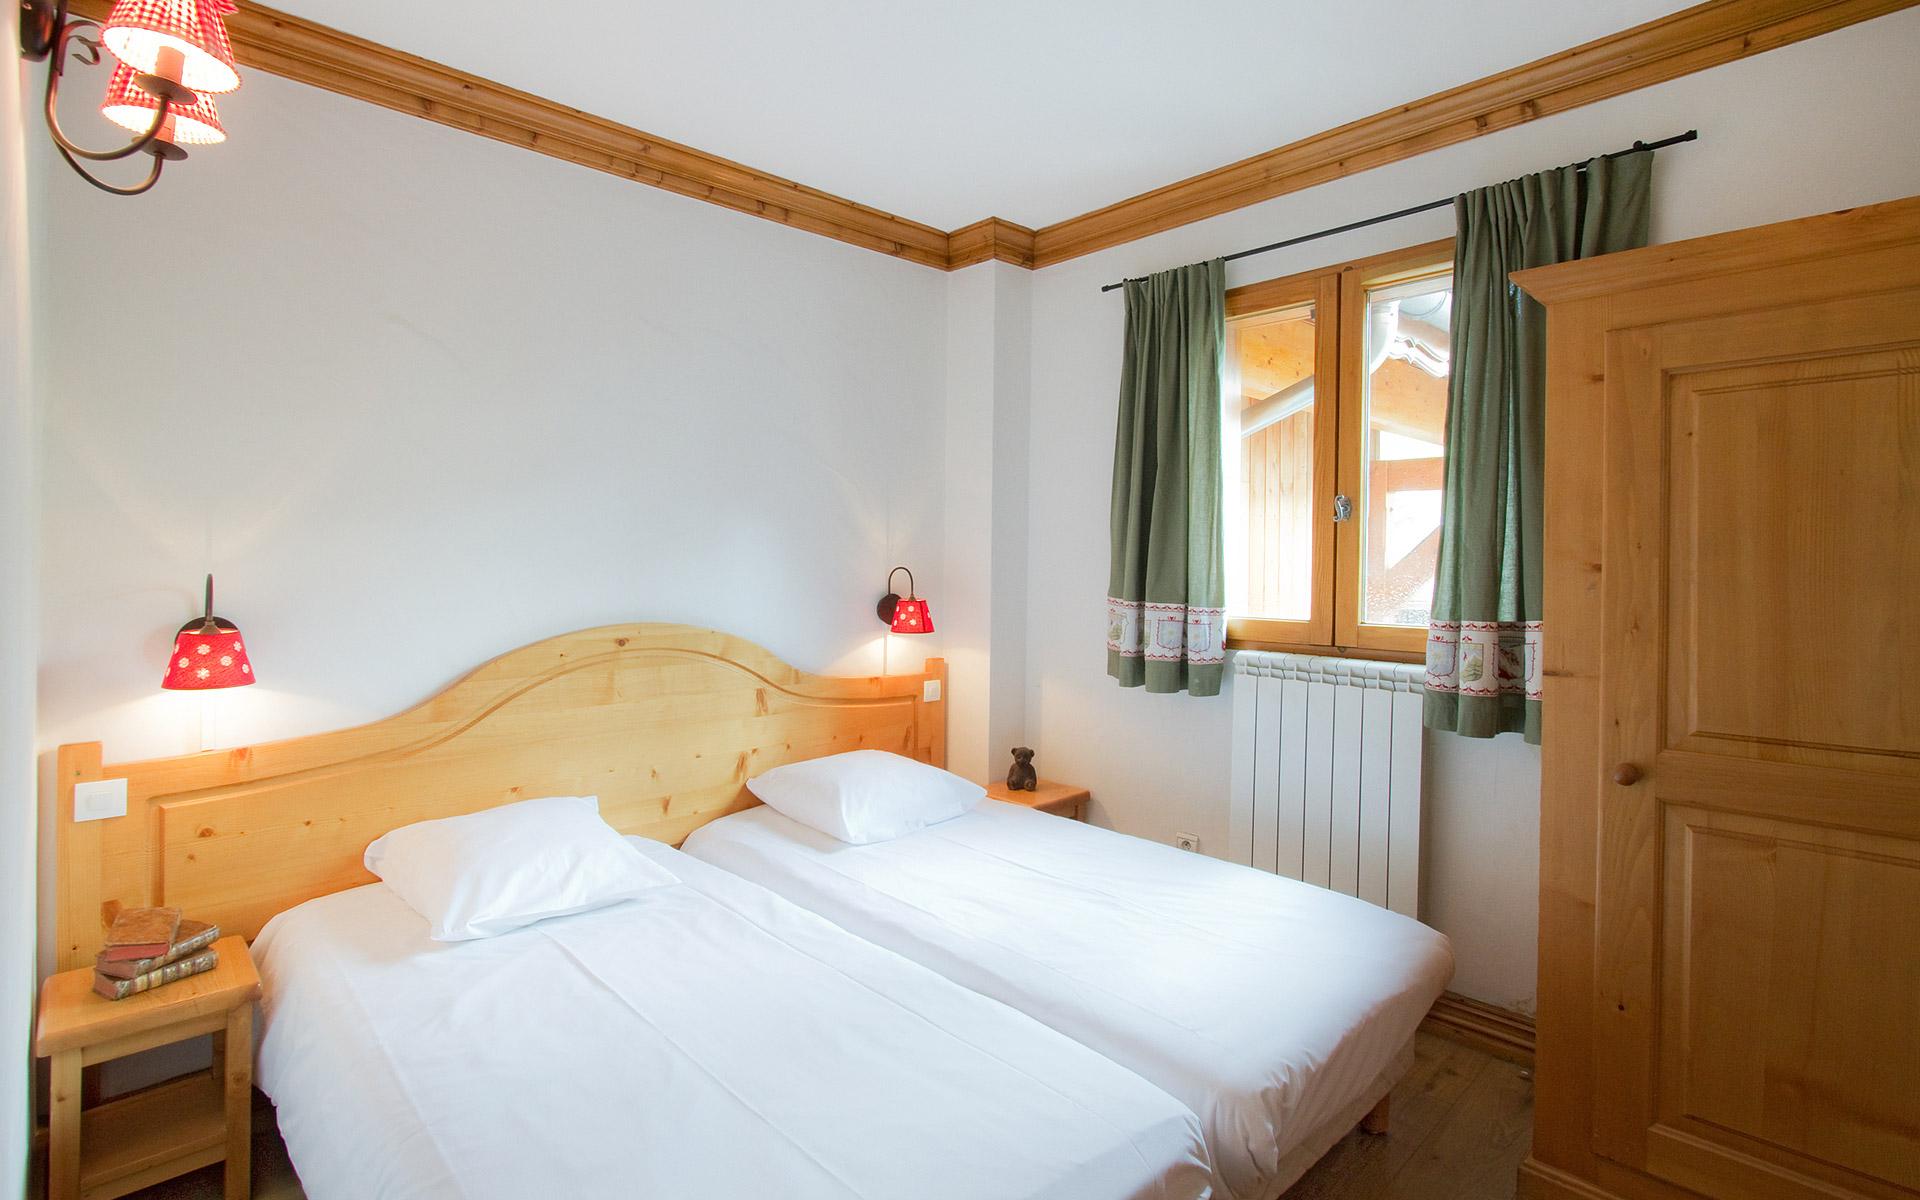 Appartement Lys Orangé - Les Balcons de Sarenne aux 2 Alpes